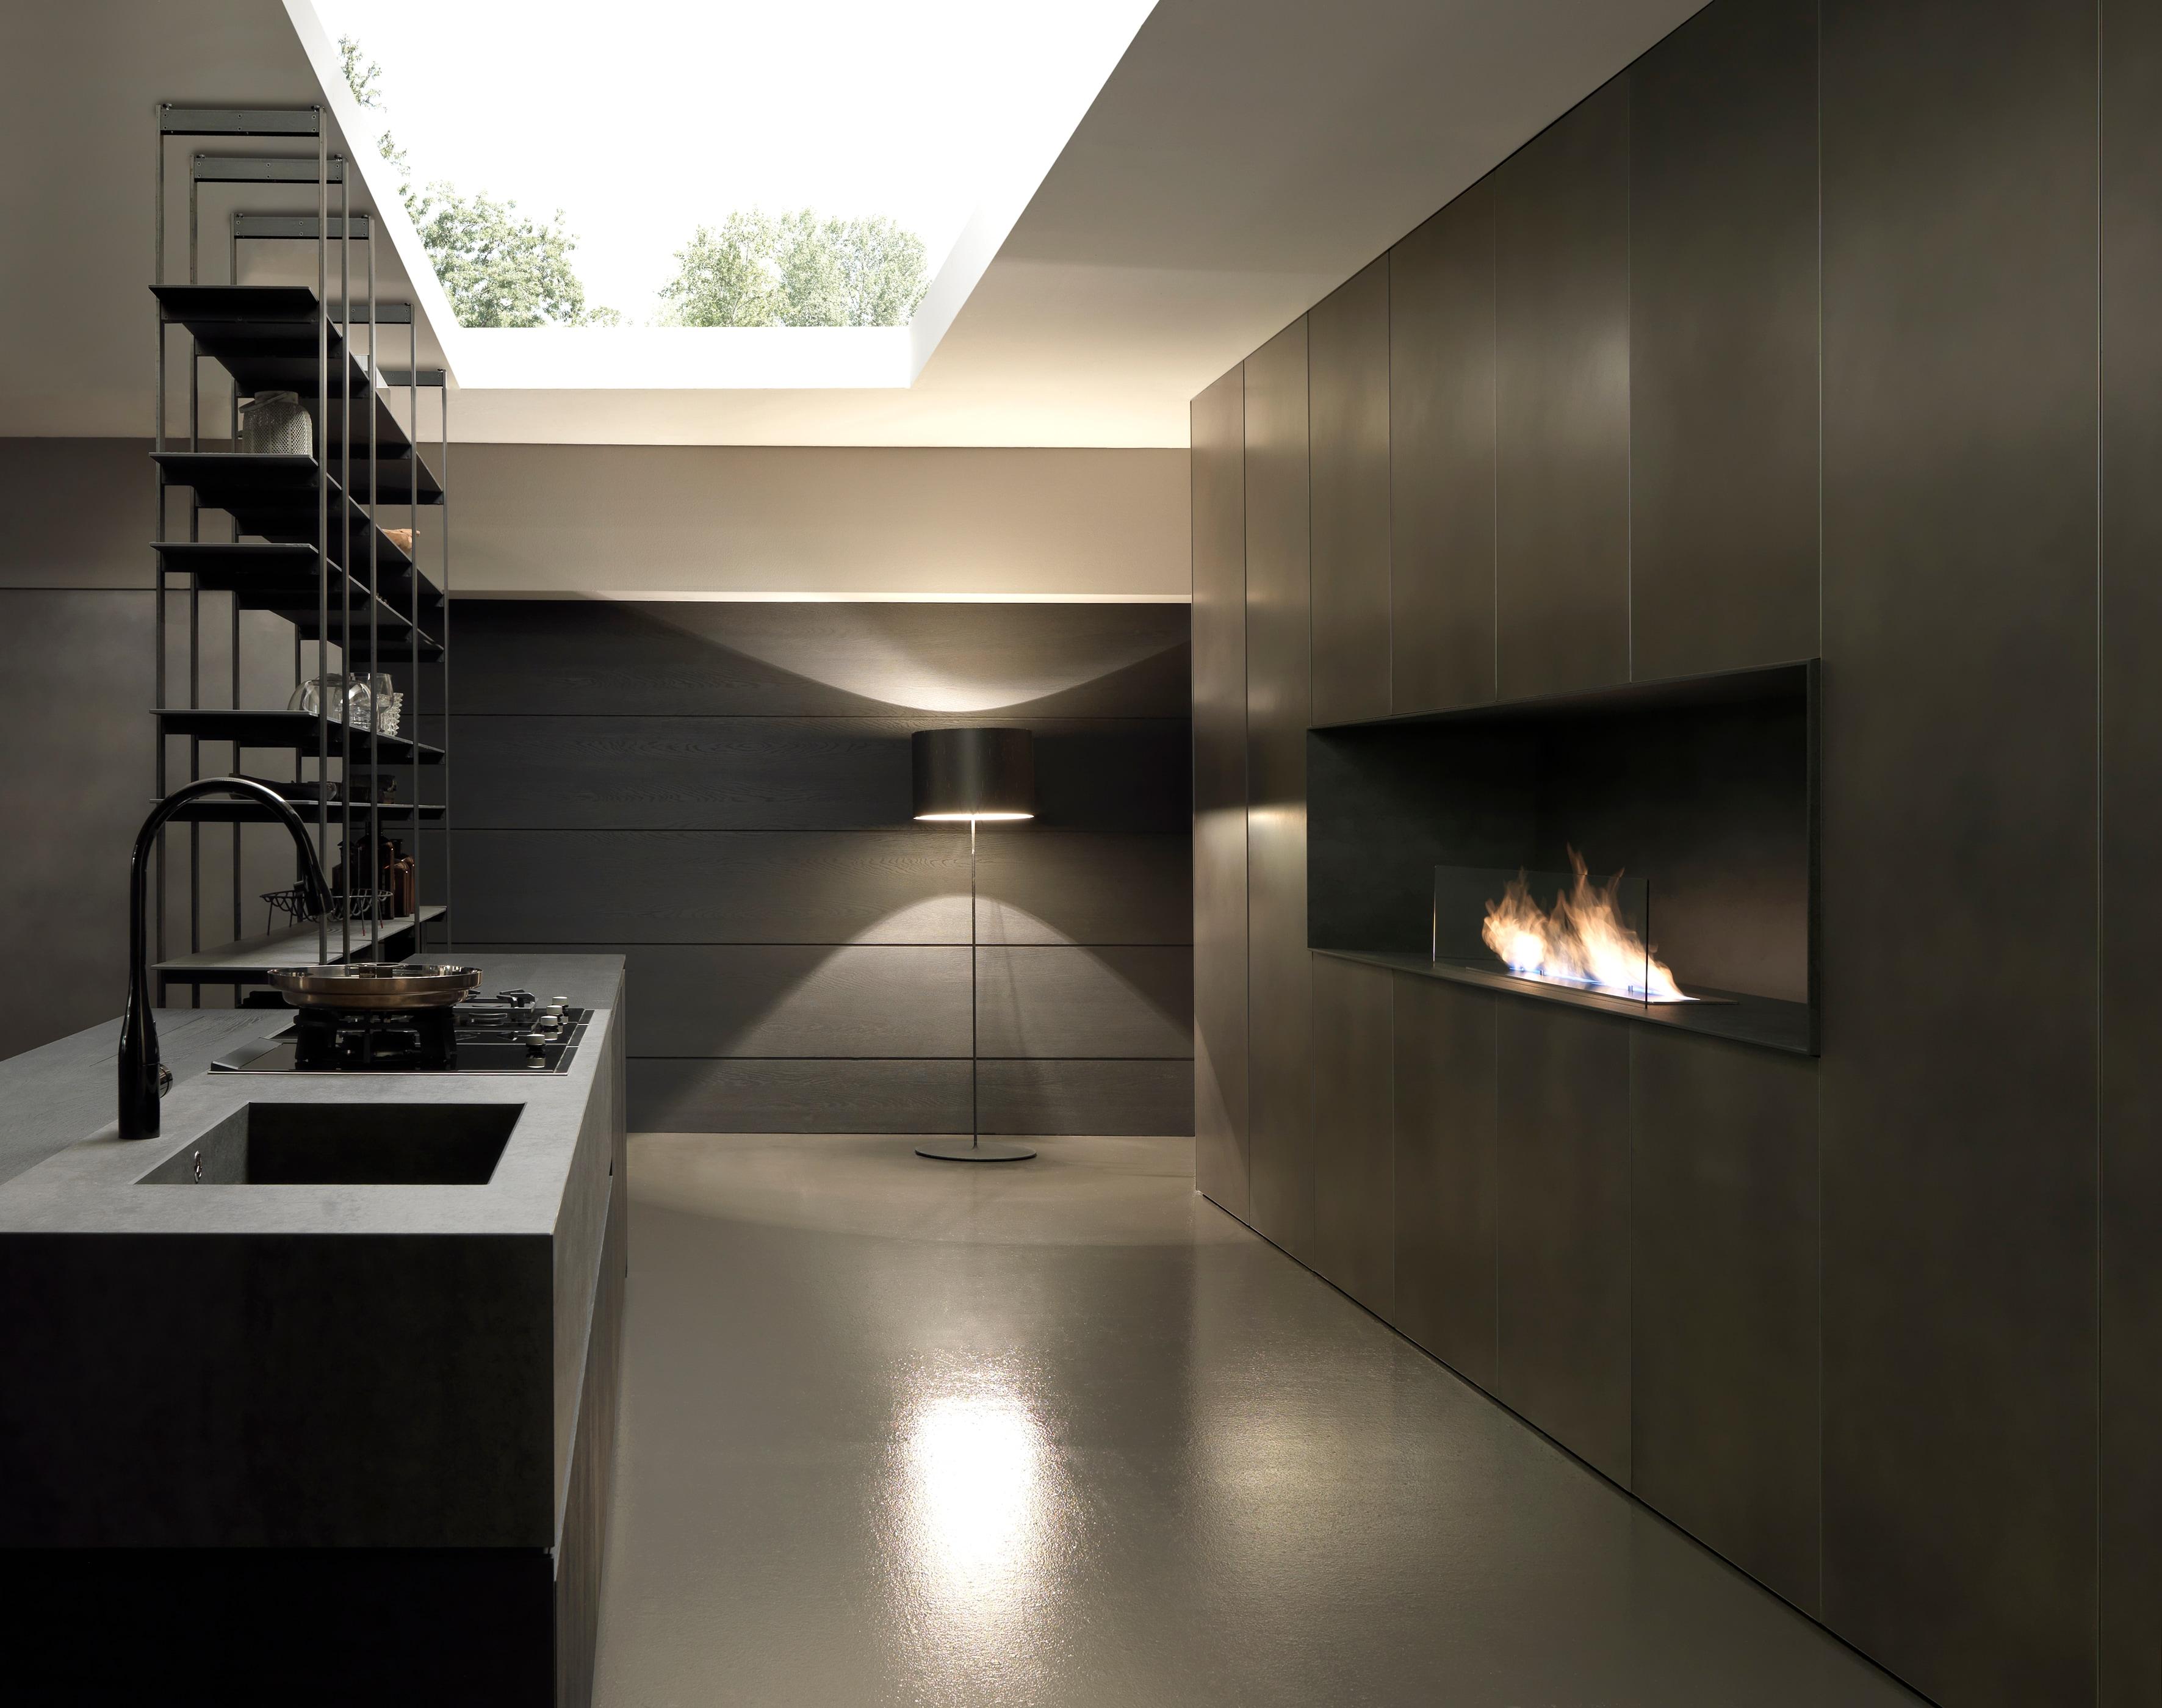 La rivoluzione progettuale in cucina